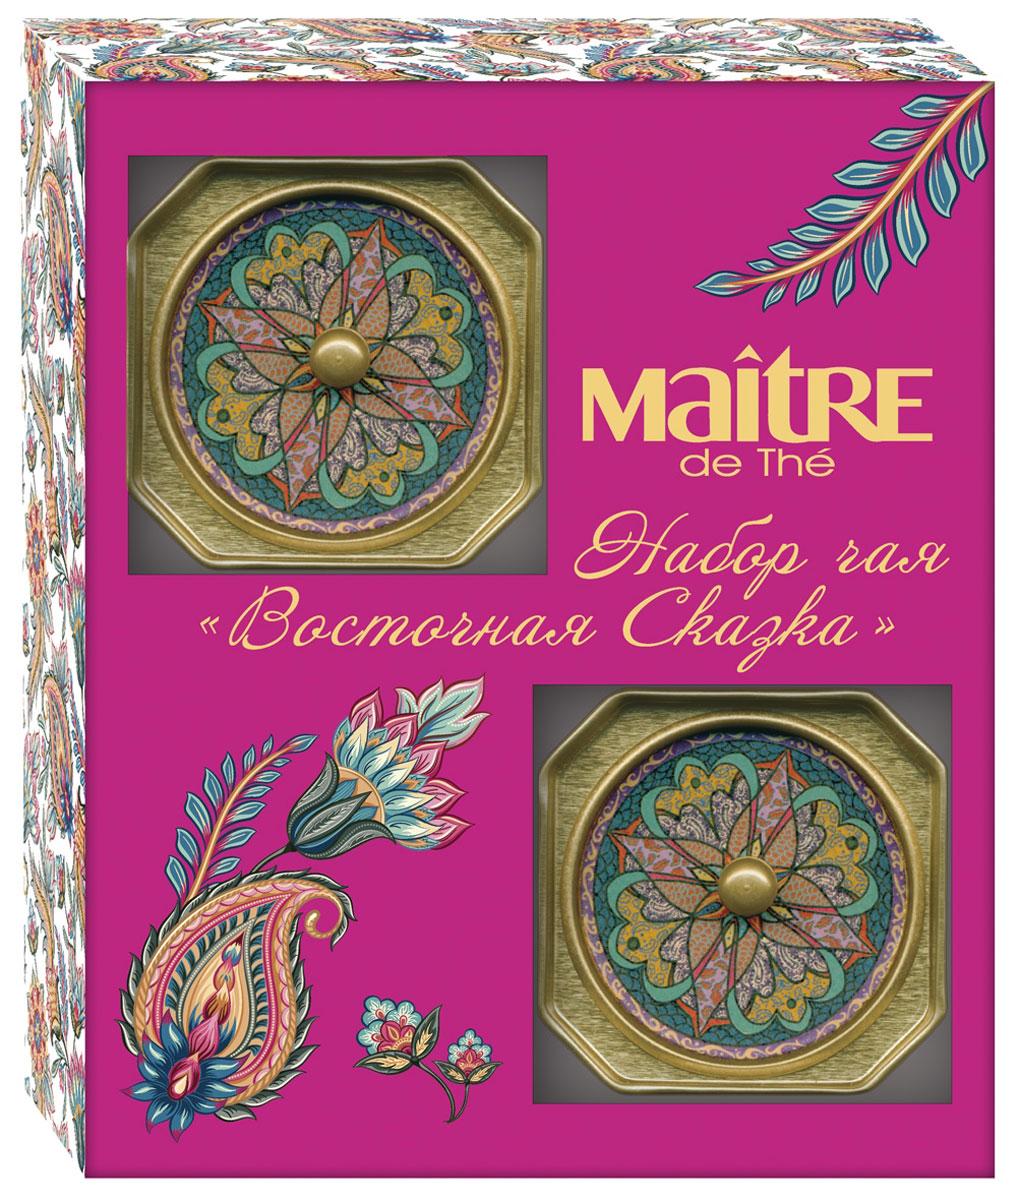 Maitre Восточная сказка набор черного листового чая, 60 г цена и фото